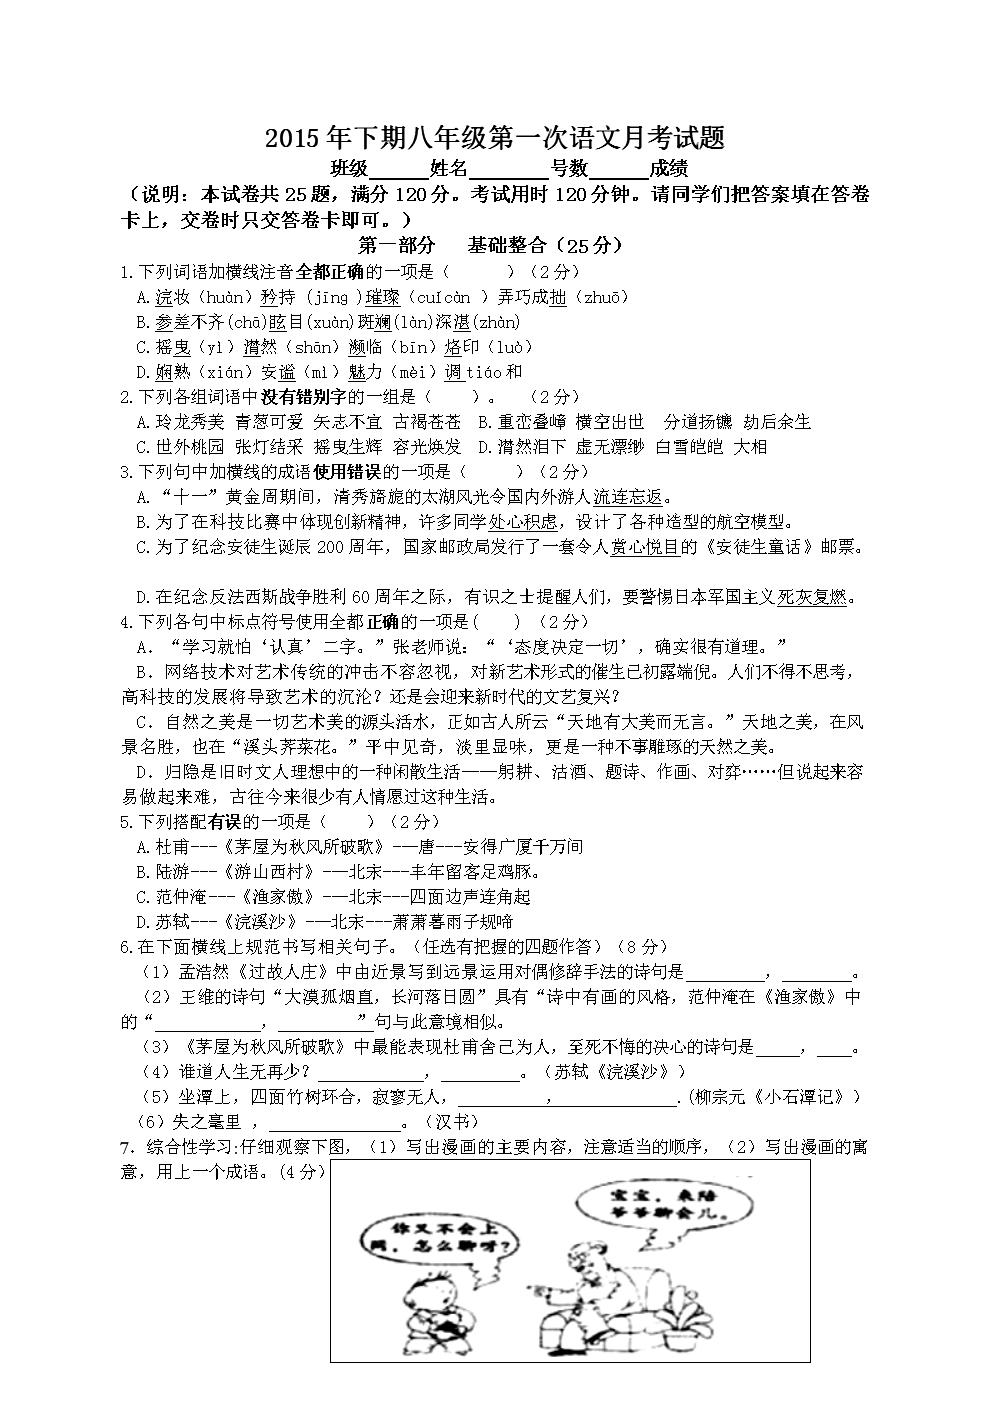 2015年下期八年级第一次语文月考试题班级姓名号数成绩(说明:本试卷共25题,满分120分。考试用时120分钟。请同学们把答案填在答卷卡上,交卷时只交答卷卡即可。)第一部分基础整合(25分)1.下列词语加横线注音全都正确的一项是()(2分)A.浣妆(hun)矜持(jn)璀璨(cucn)弄巧成拙(zhu)B.